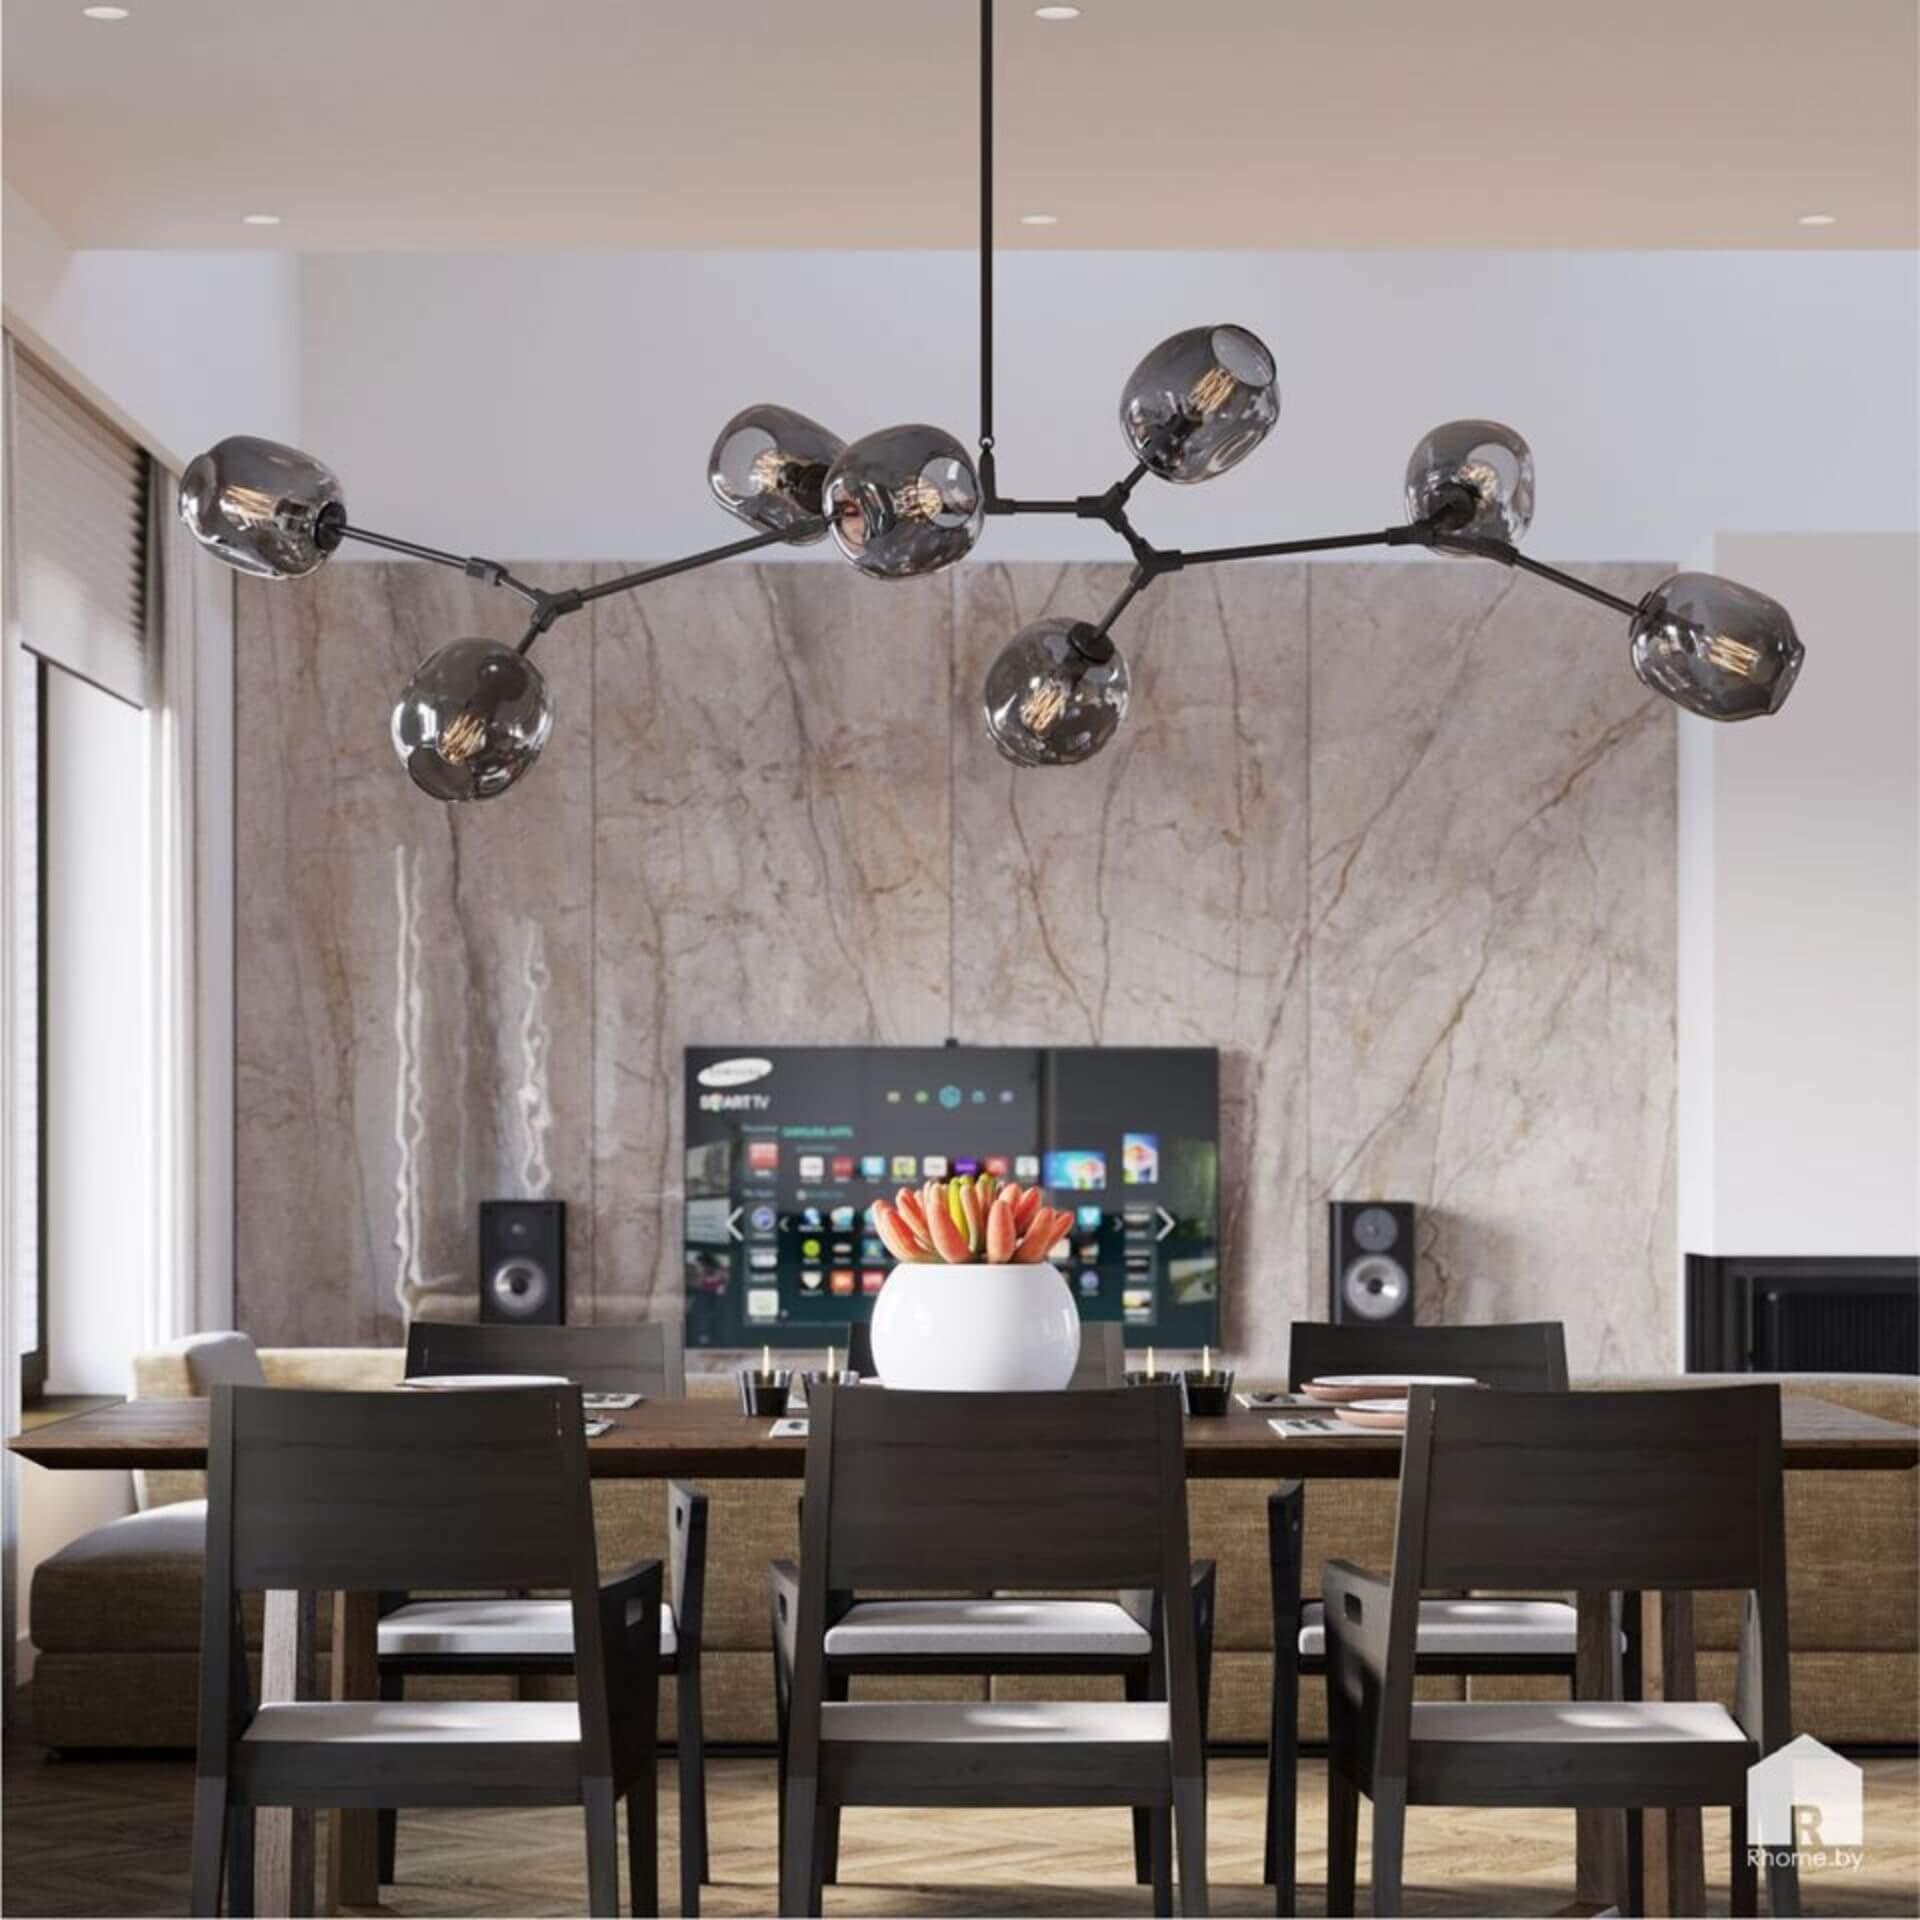 Столовая с большим светильником над столом. Телевизор на зданем плане на фоне серой стены.